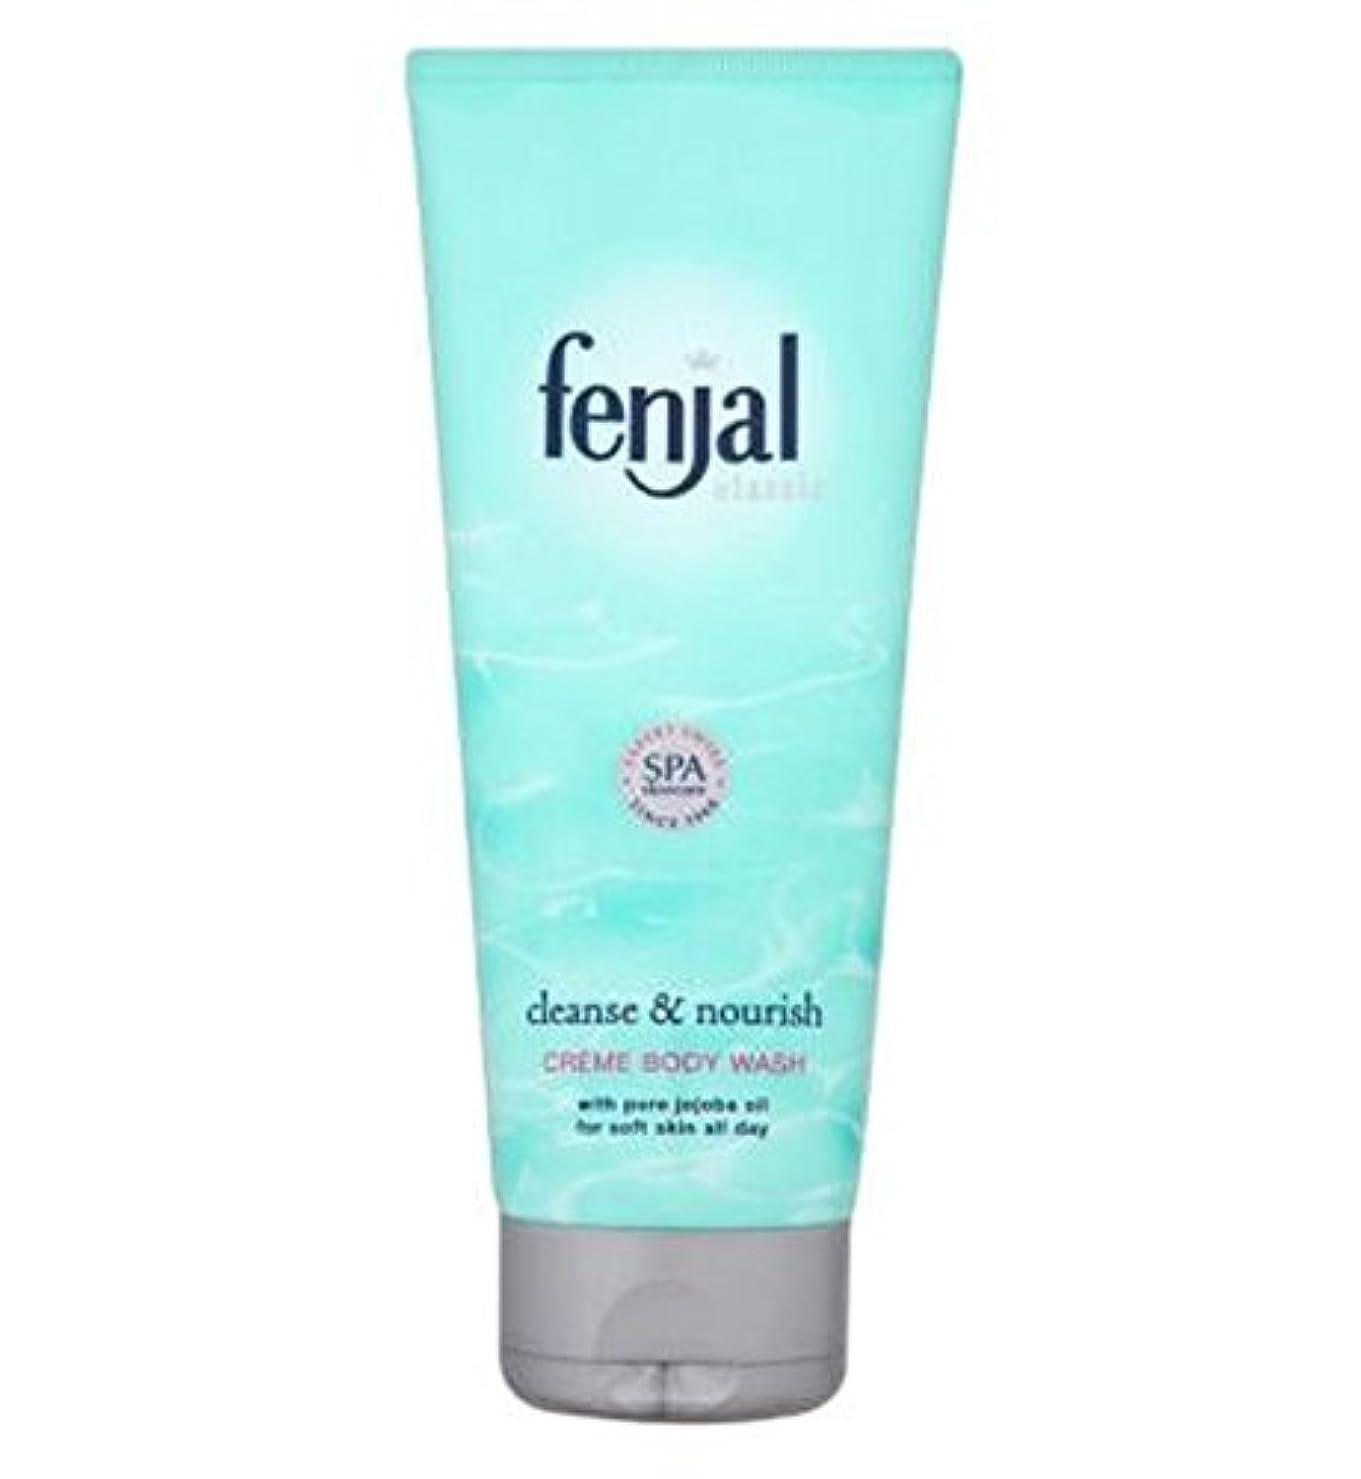 支援ビヨンたるみFenjal古典的な高級クリームオイルボディウォッシュ (Fenjal) (x2) - Fenjal Classic Luxury Creme Oil Body Wash (Pack of 2) [並行輸入品]